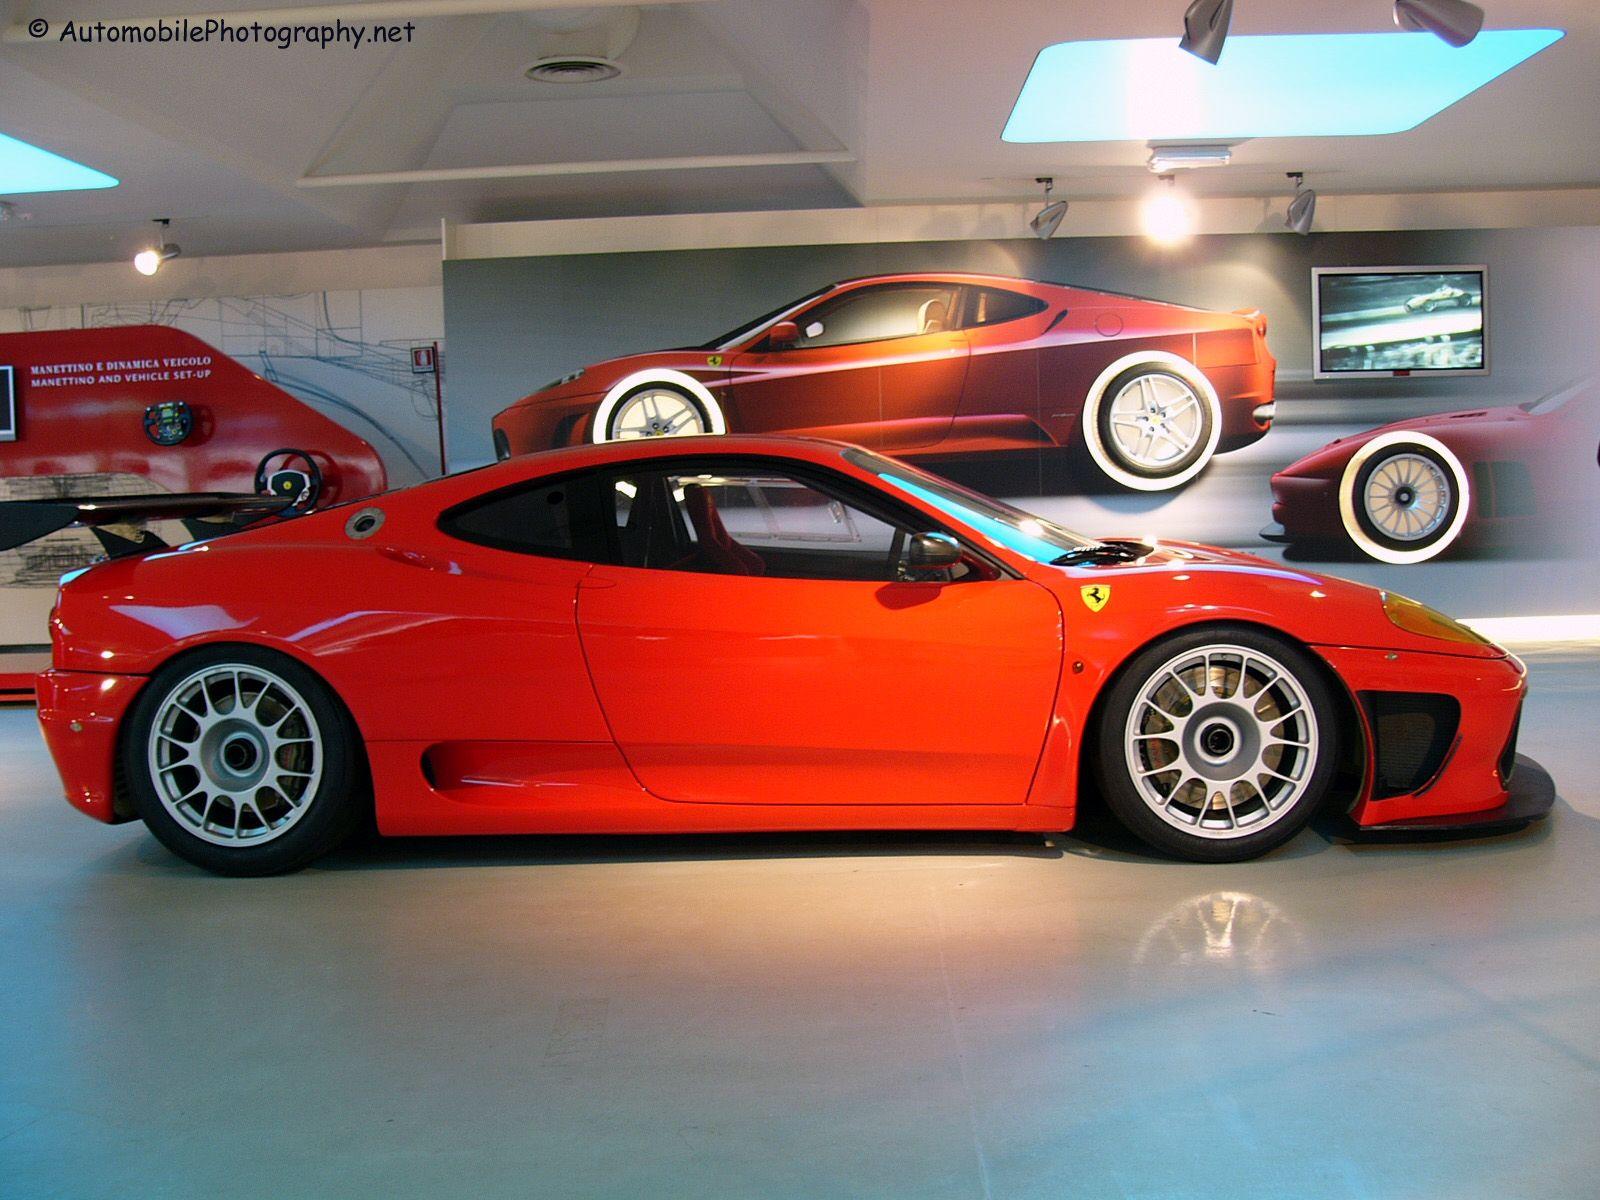 Ferrari 360 gtc ferrari 360 pinterest ferrari 360 and ferrari vanachro Images